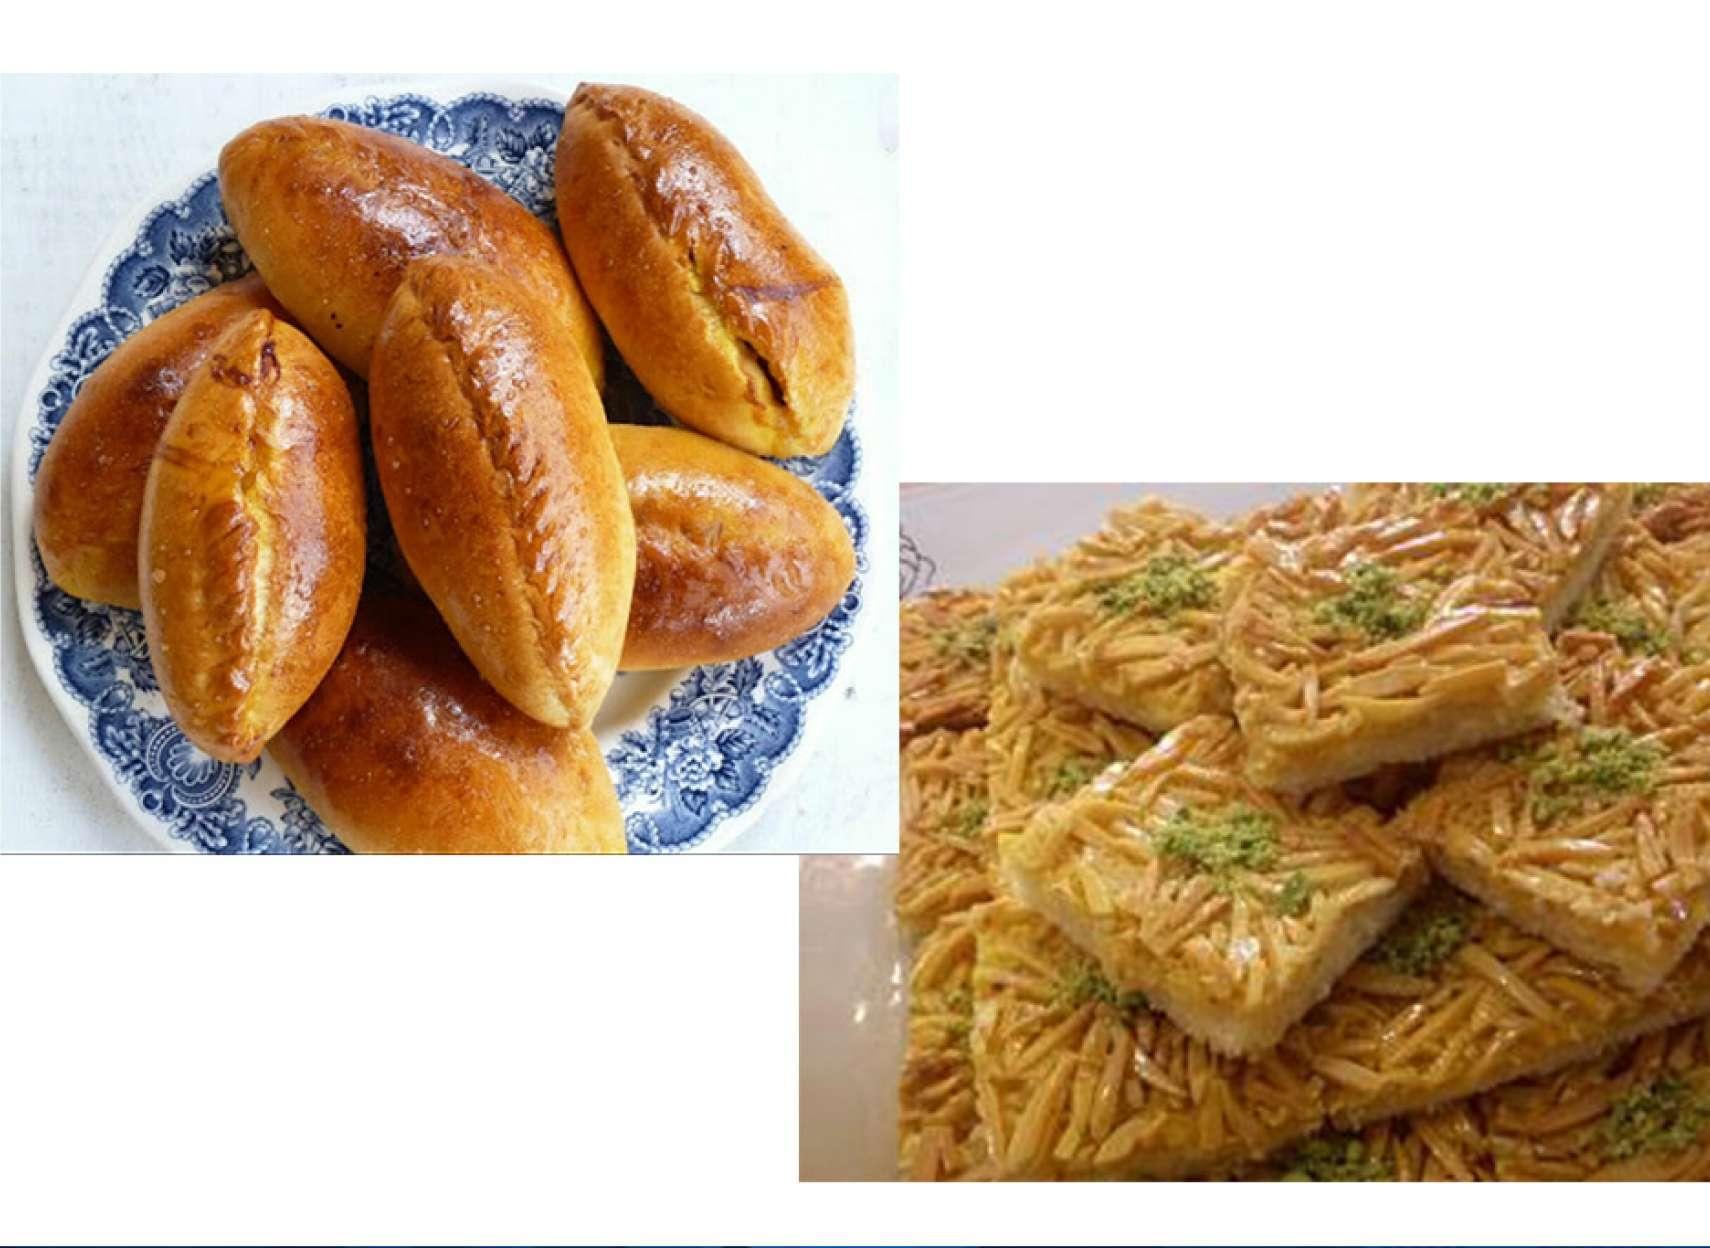 آشپزی-ترابی-شیرینی-ملکه-بادام-پیراشکی-سنتی-روسی